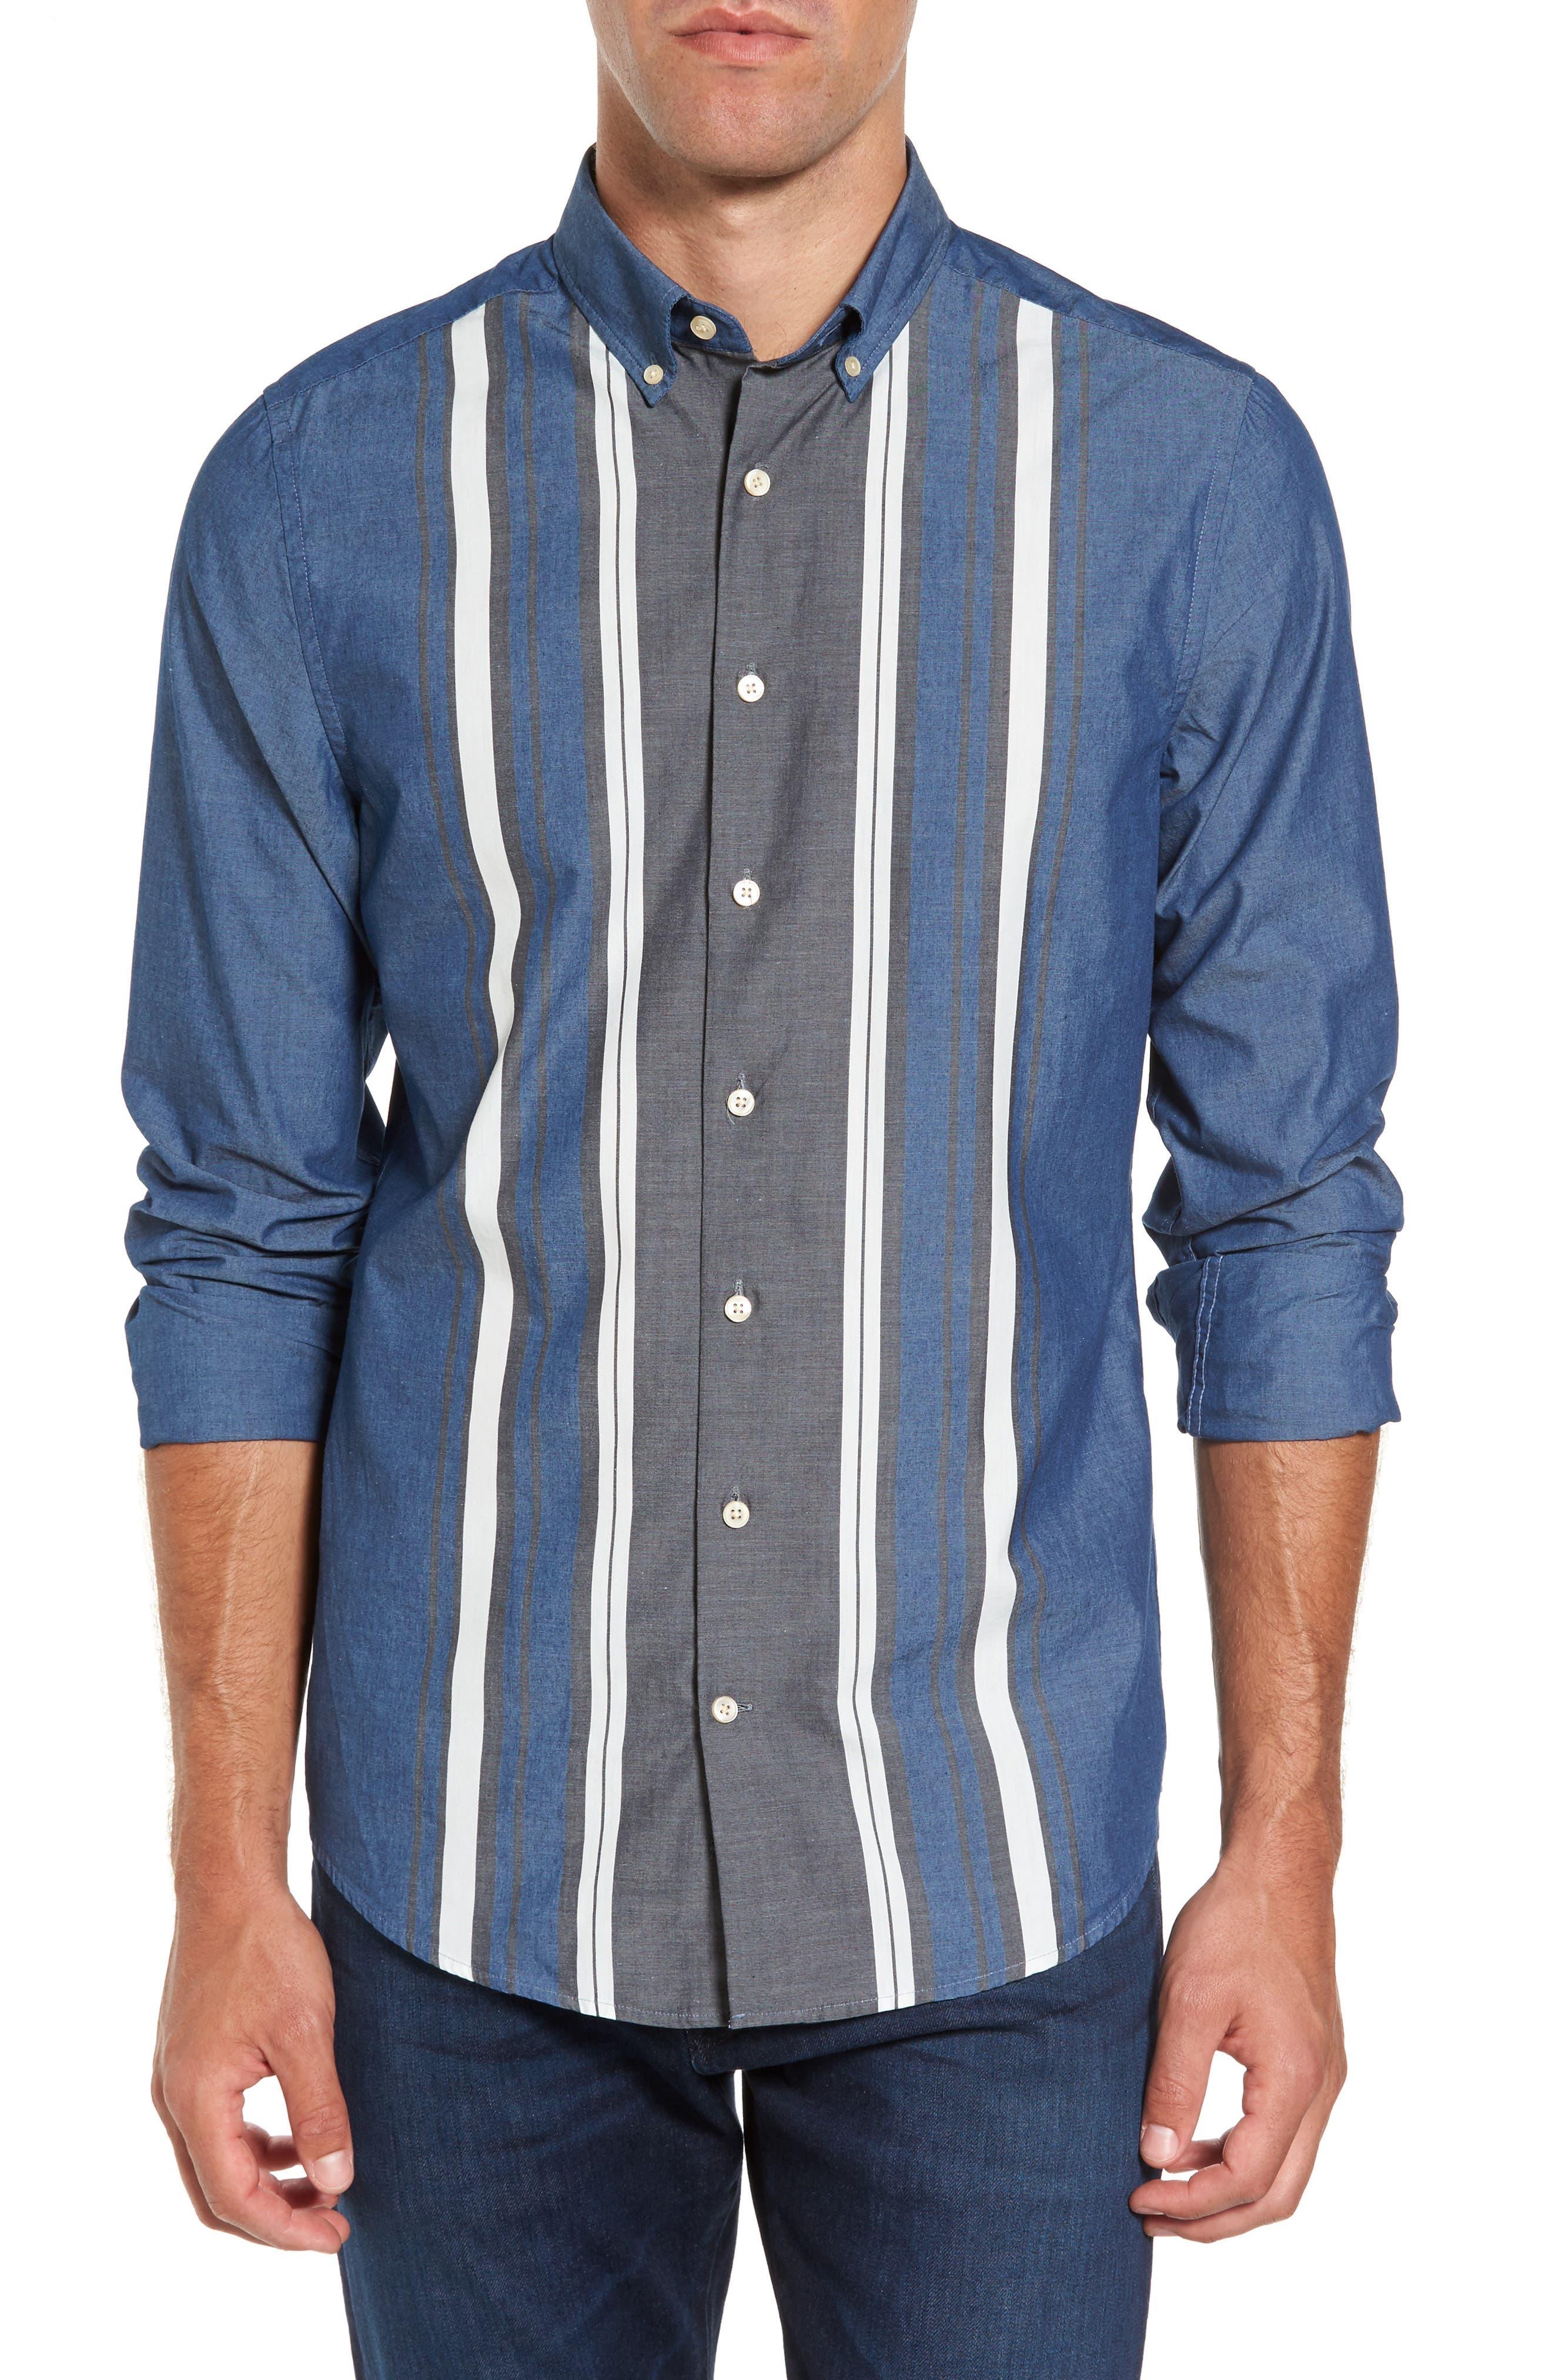 Main Image - Gant Tech Slim Fit Varsity Stripe Sport Shirt